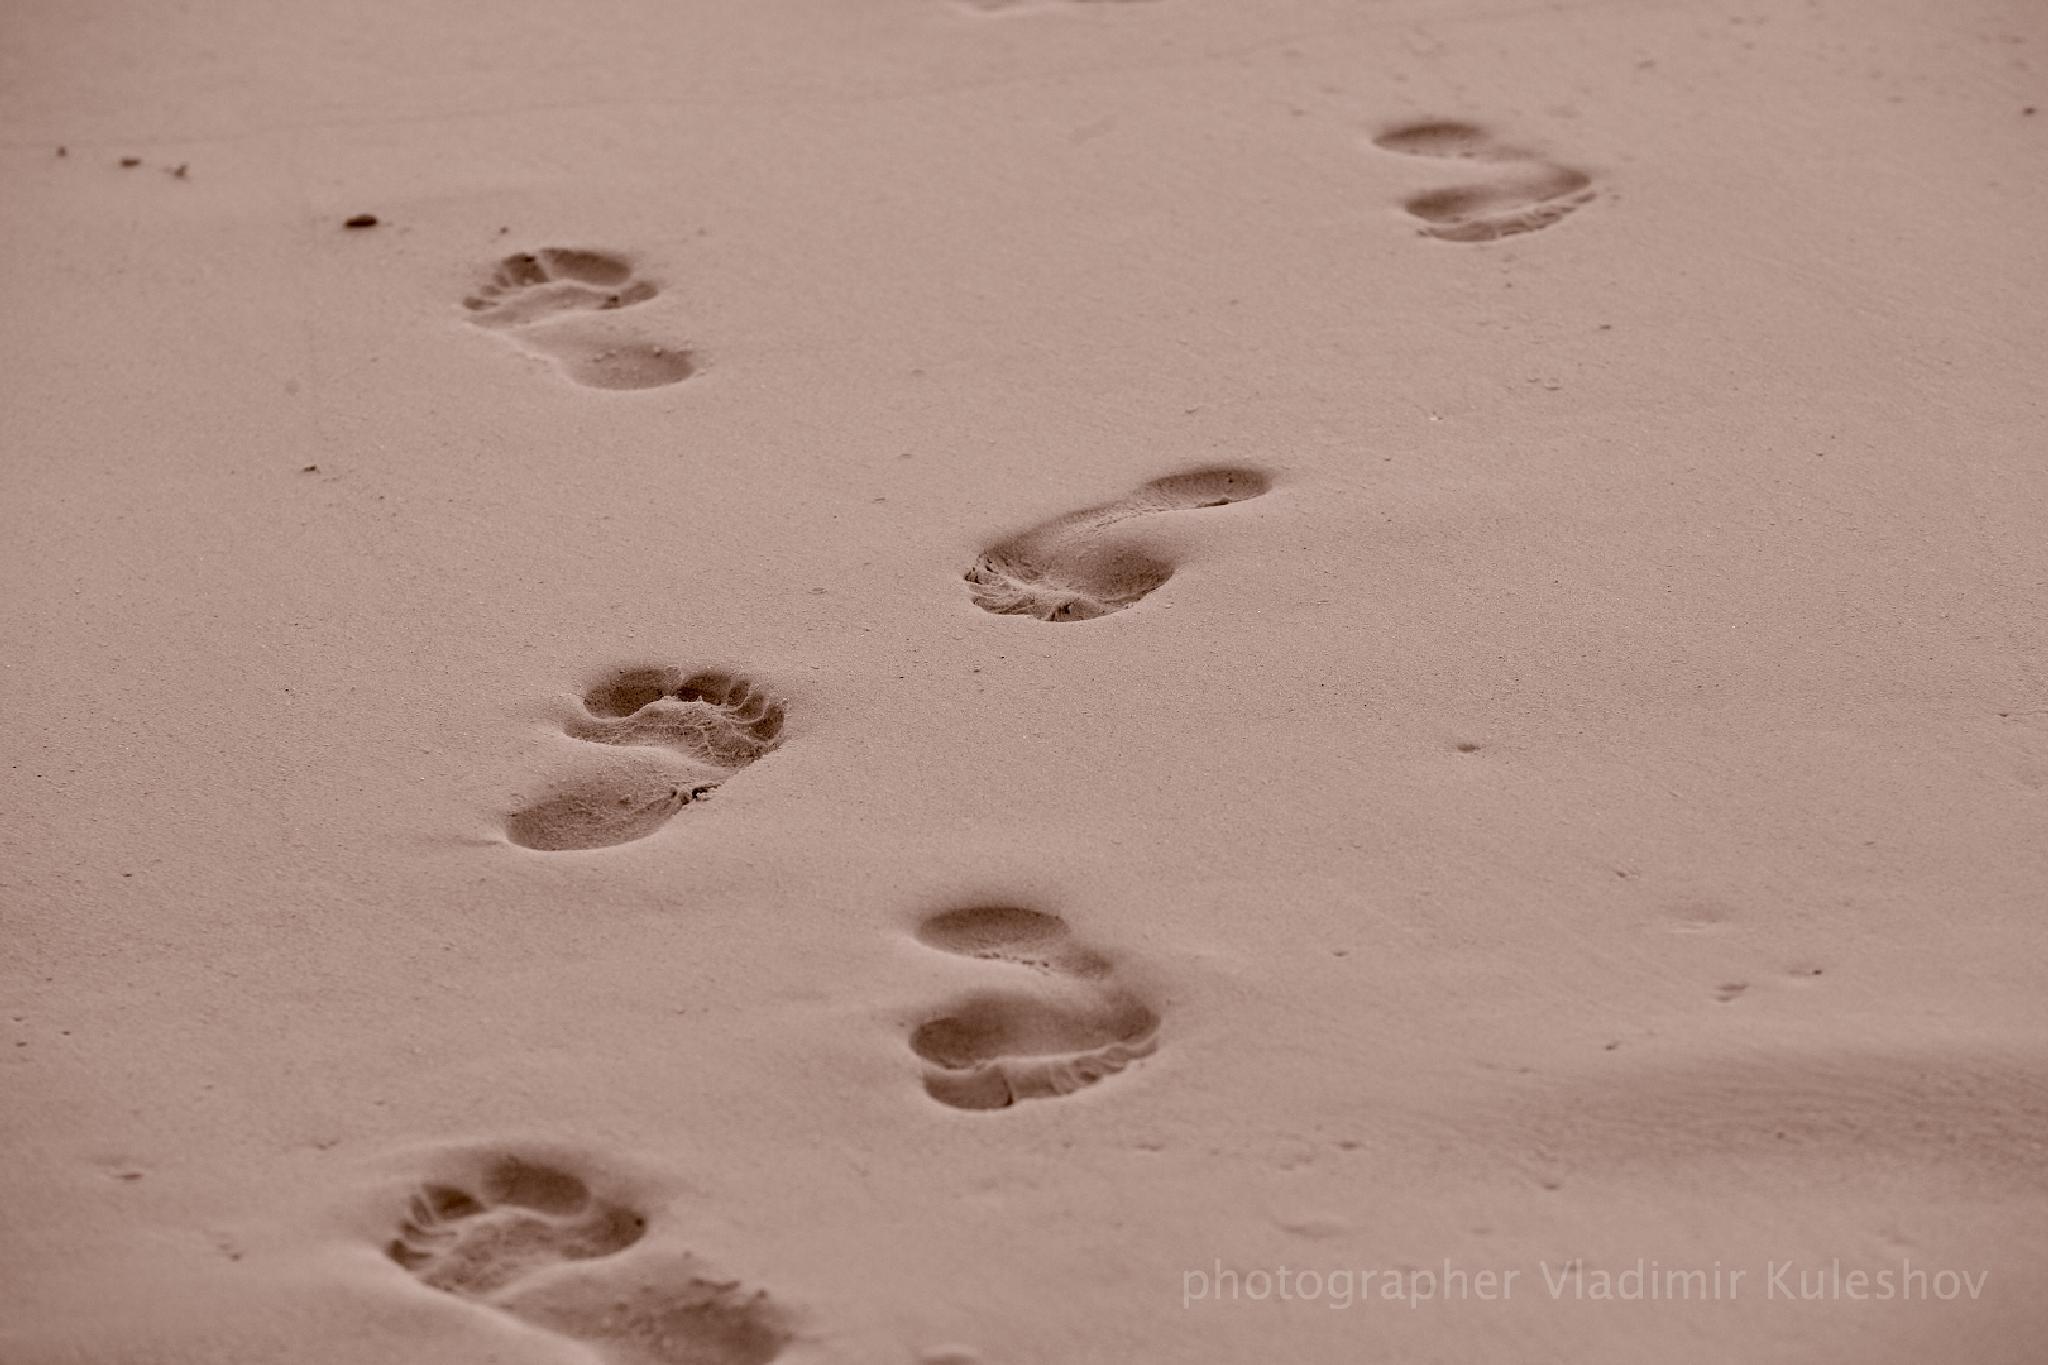 Steps by Vladimir Kuleshov